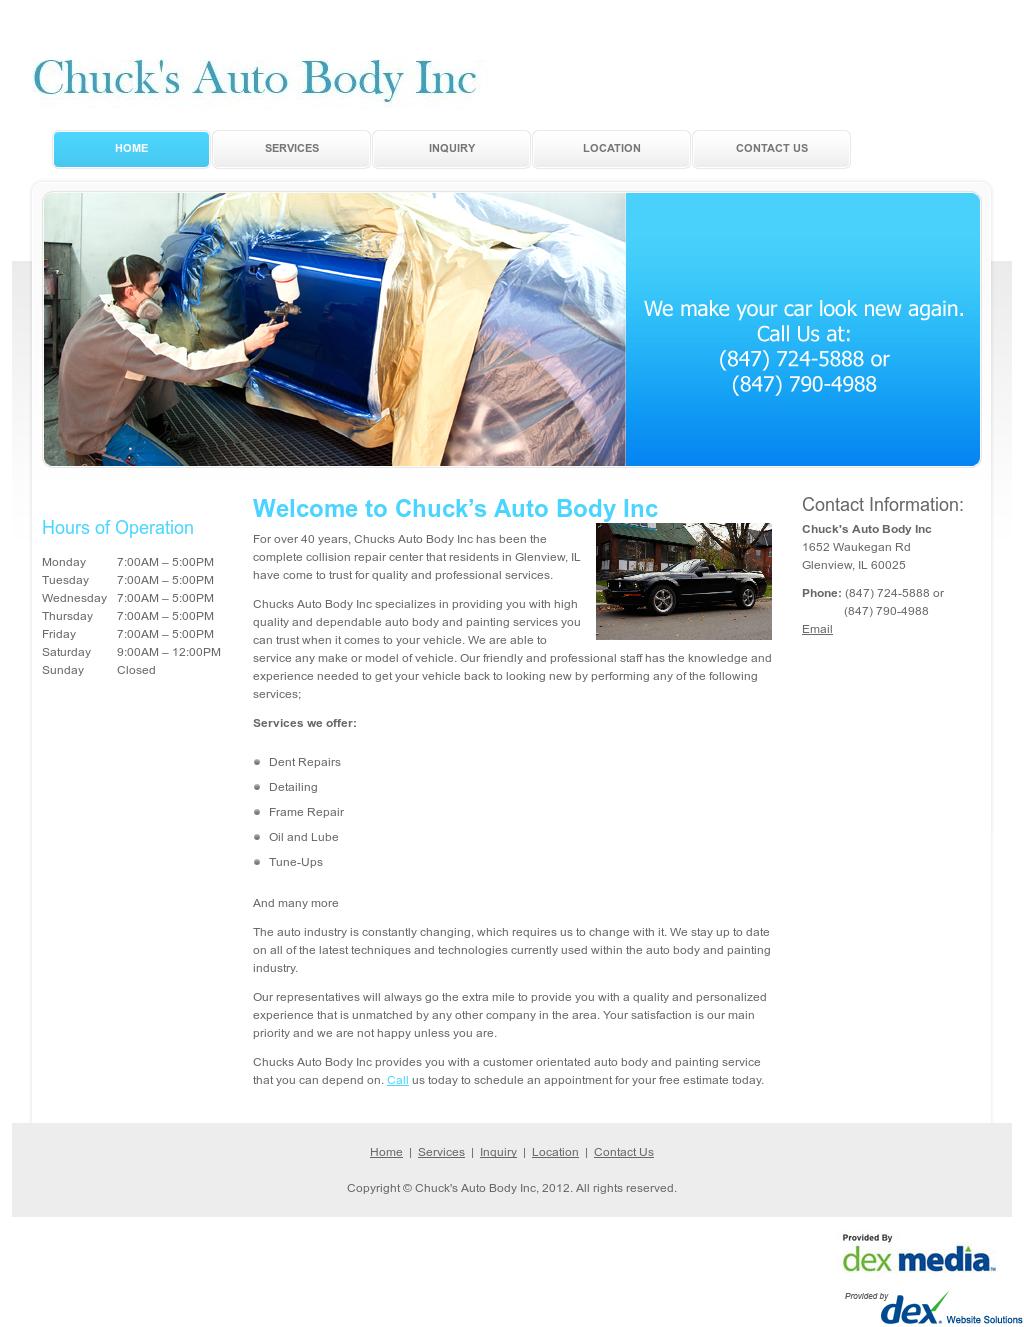 Chucks Auto Body >> Chuck S Auto Body Competitors Revenue And Employees Owler